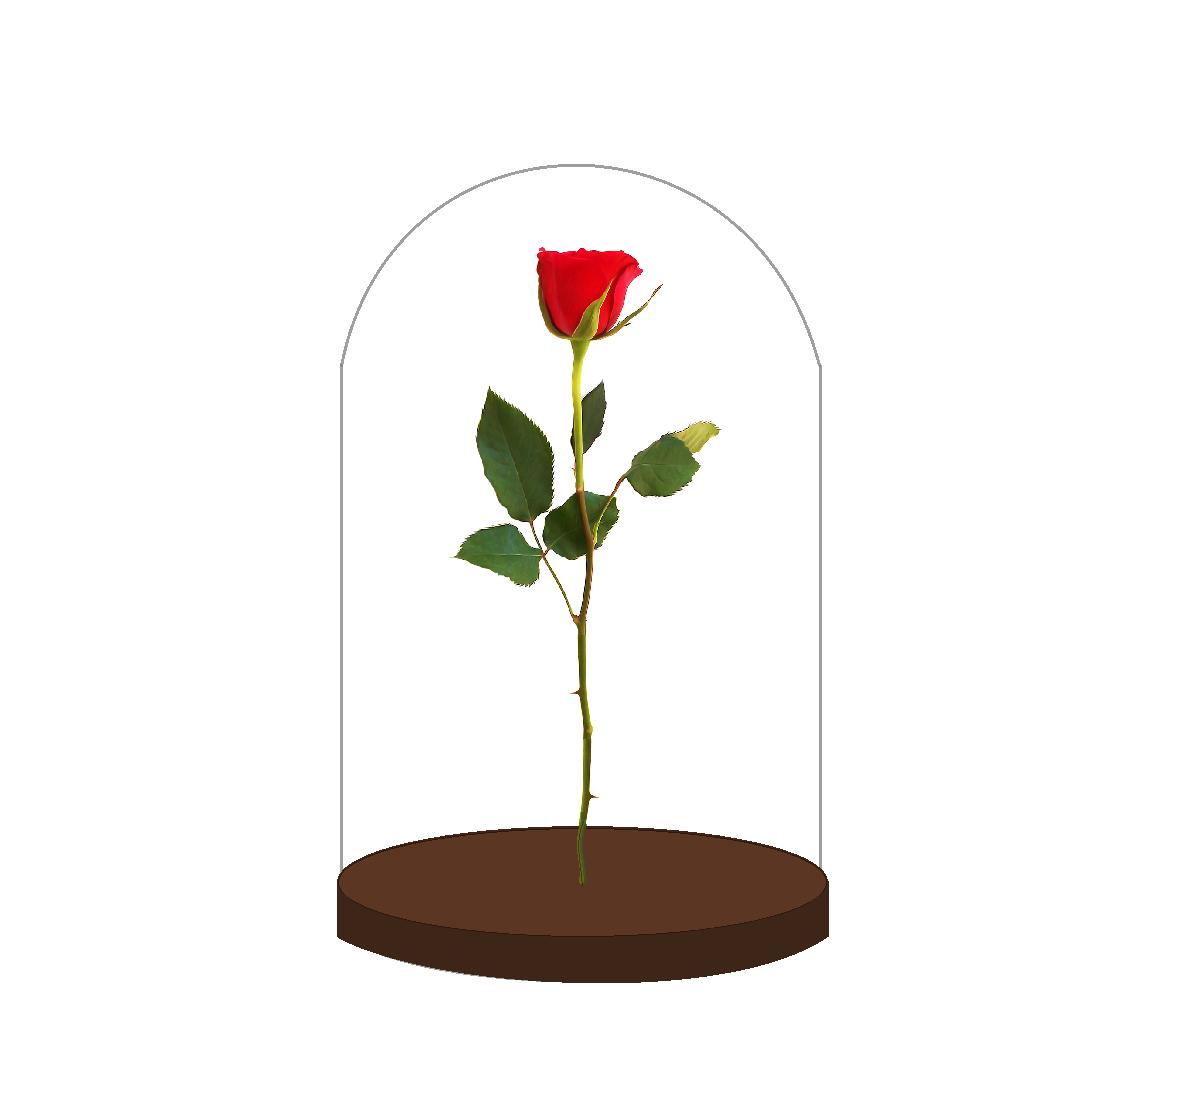 Manualidades hechas con materiales reciclados para hacer personajes de la bella y la bestia, la rosa encantada, Lumiere y Ding Dong. DIY